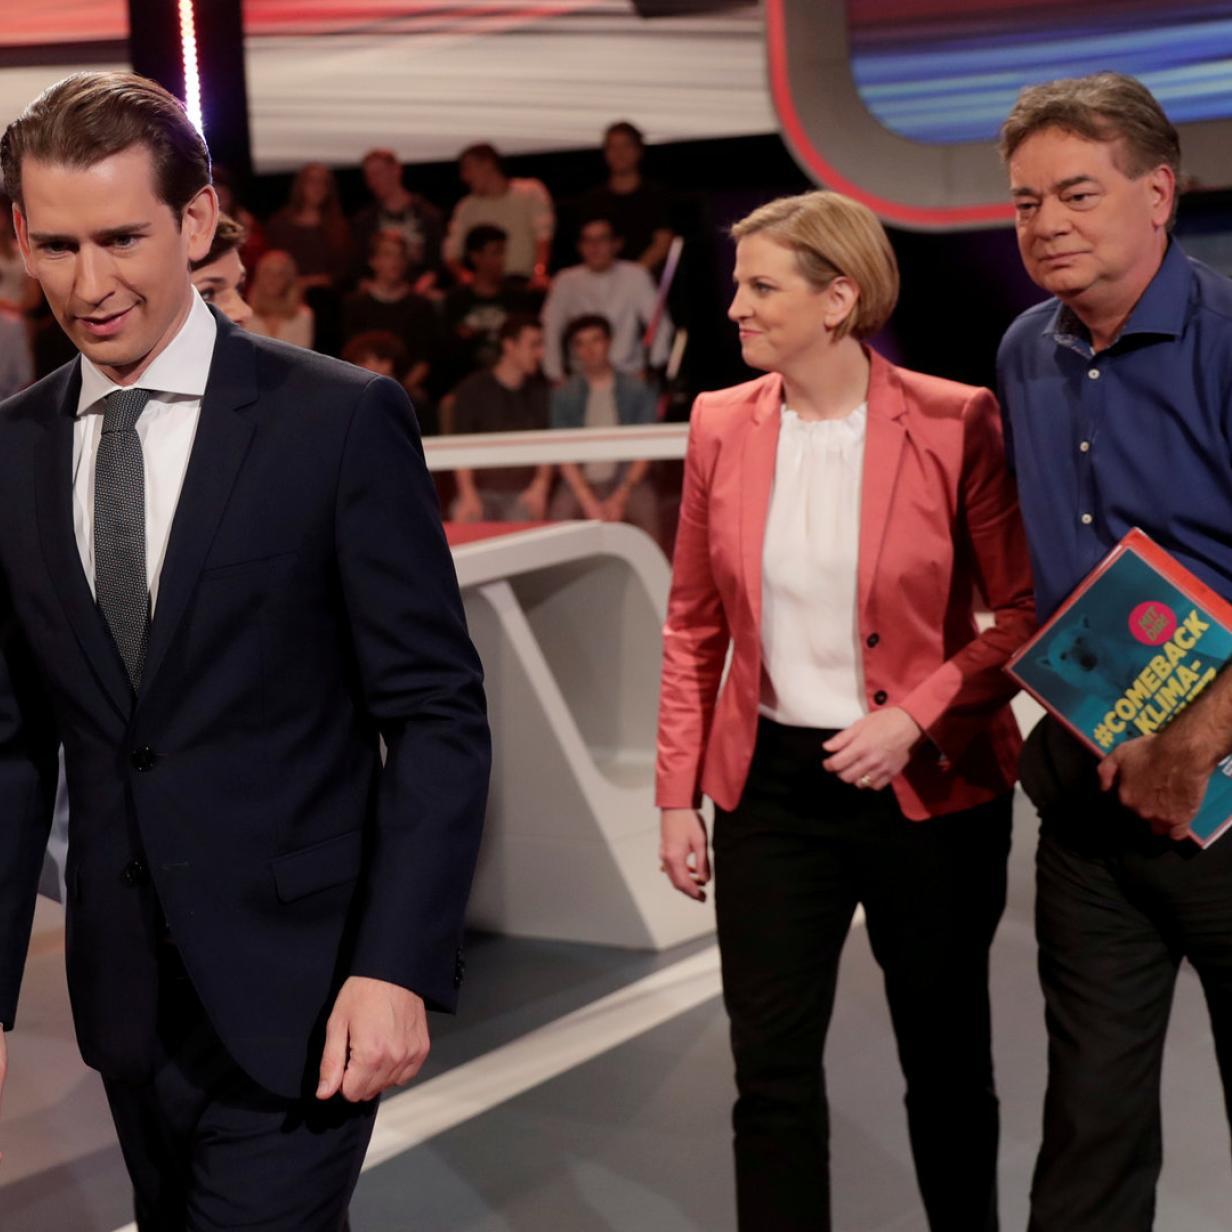 Koalition: ÖVP sondiert mit Grünen und NEOS